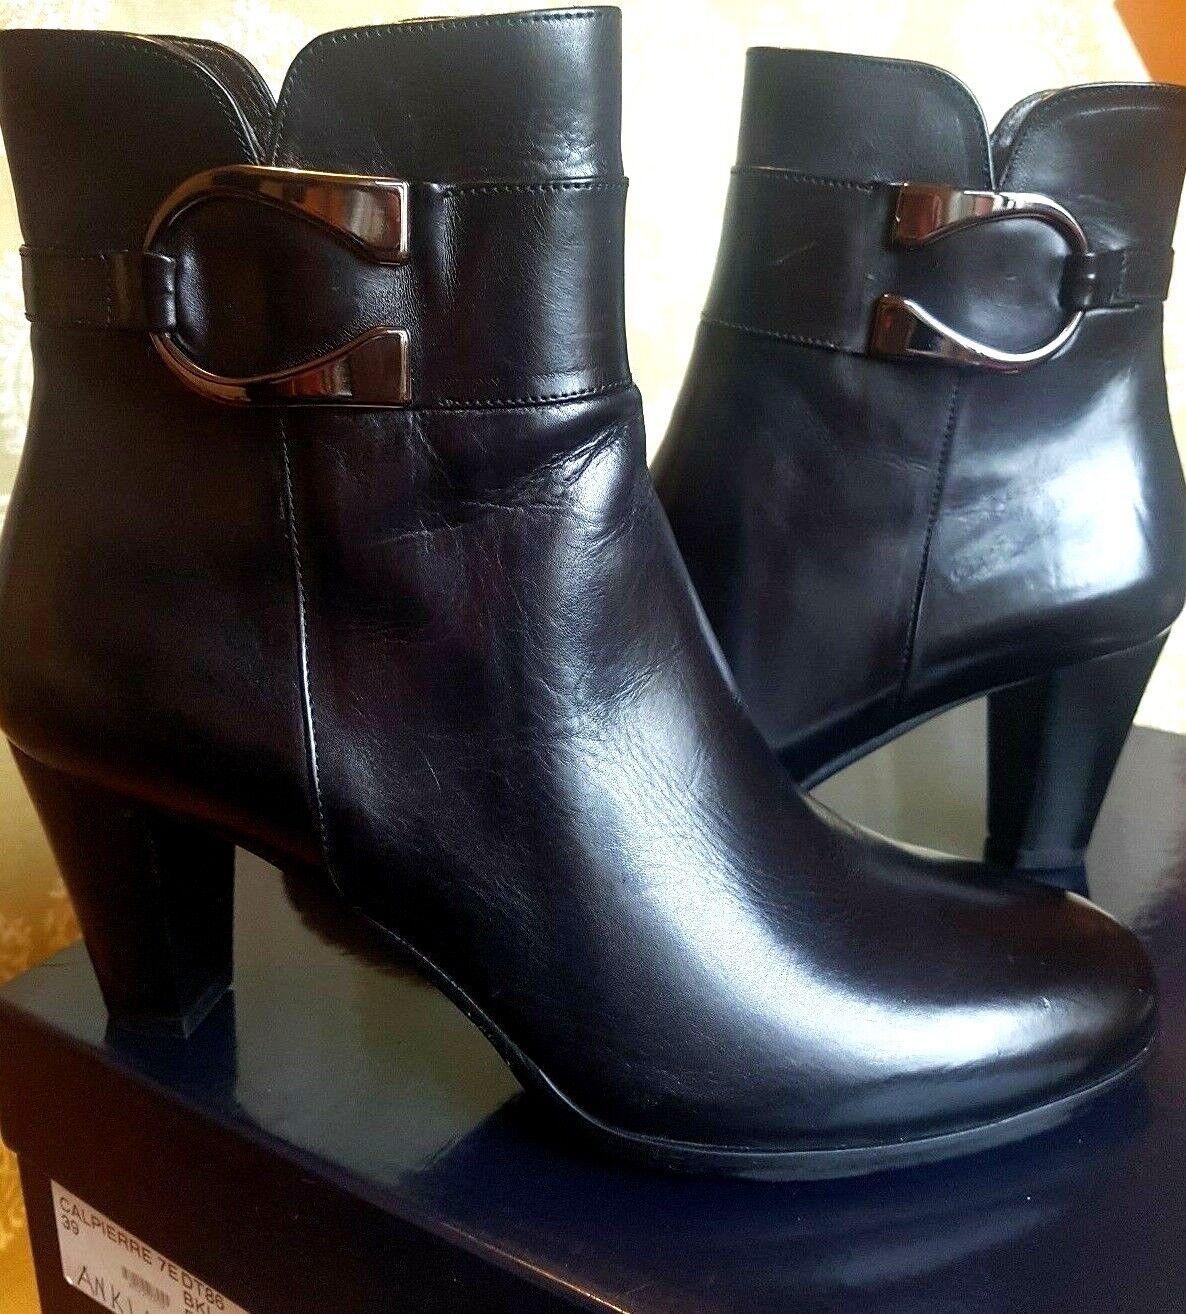 CALPIERRE Cuir Noir Bottines bottes.zip décoratif Boucle Taille UK 6